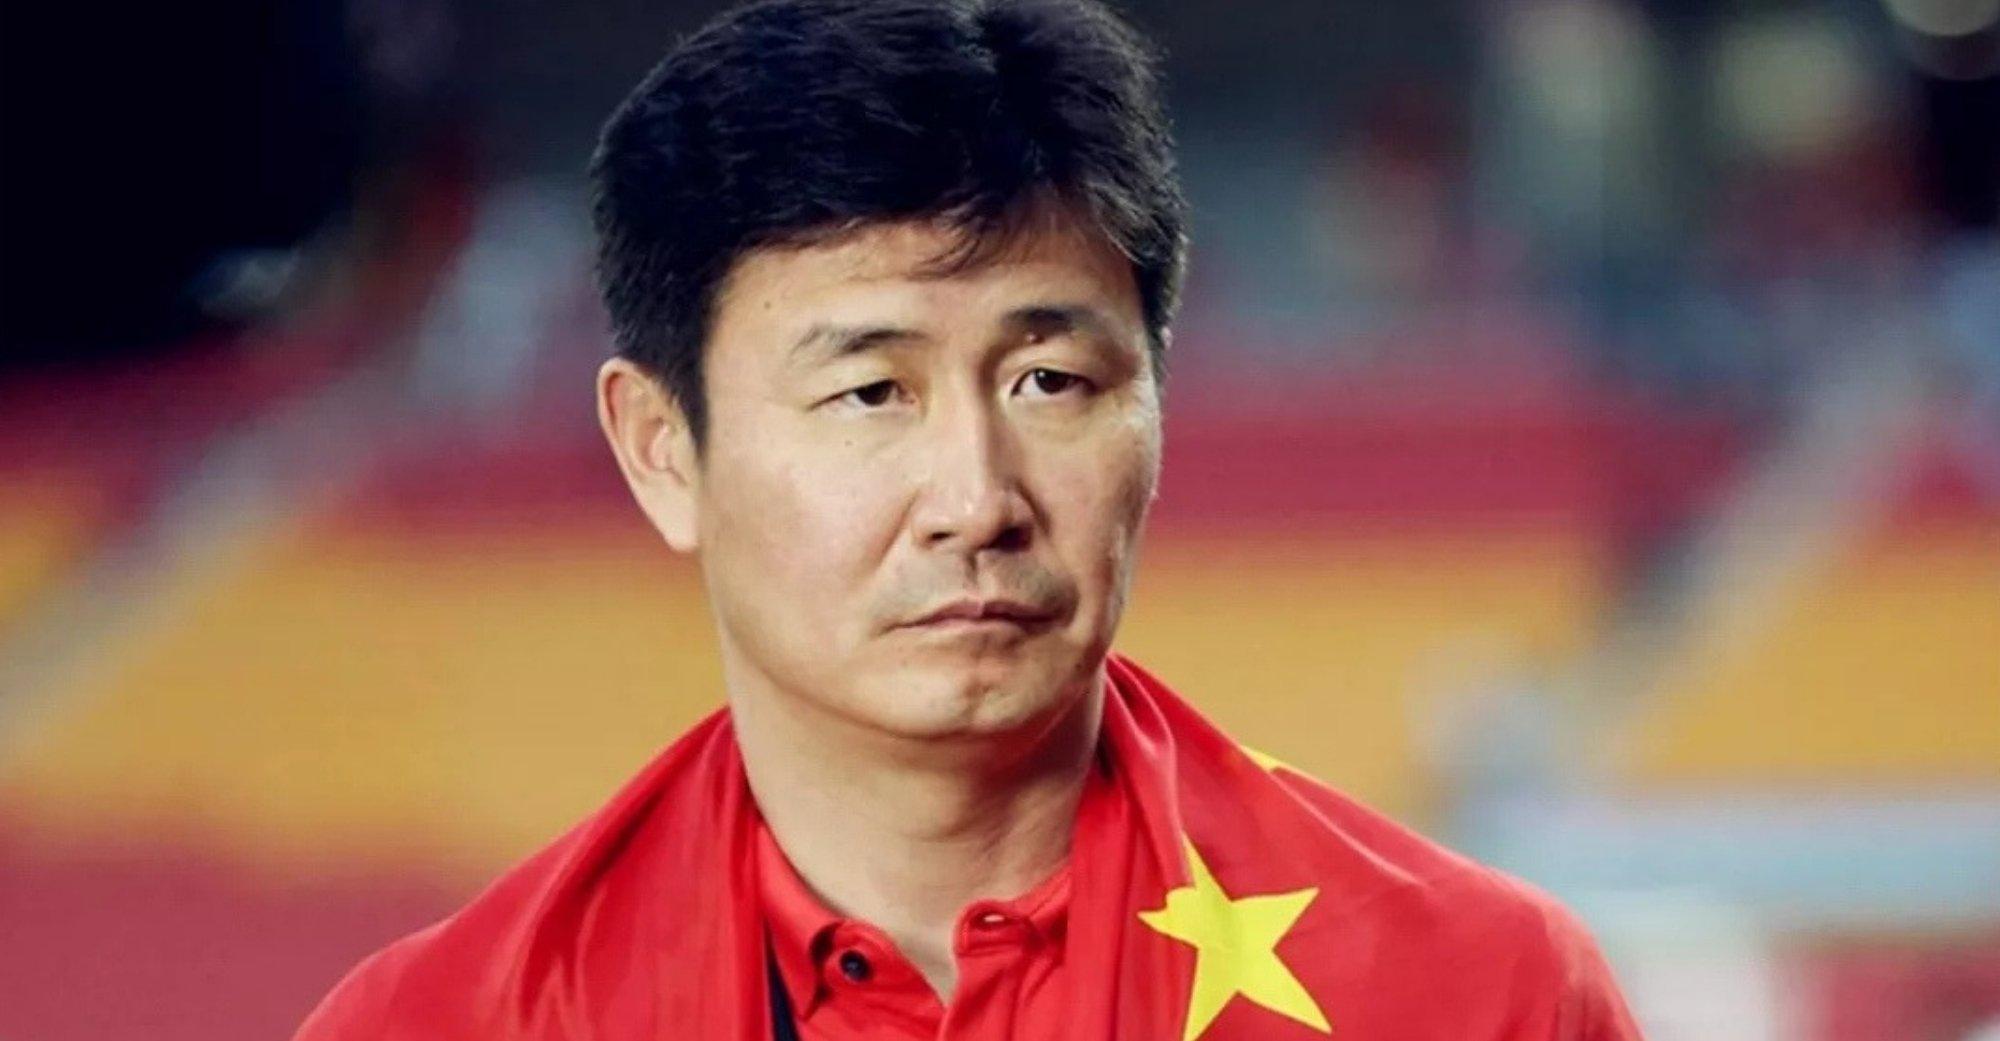 KRITIKOVAO KOMUNISTIČKU PARTIJU I POZIVAO NA USTAVNE REFORME!  Hao Haidong izbrisan iz historije kineskog nogometa!